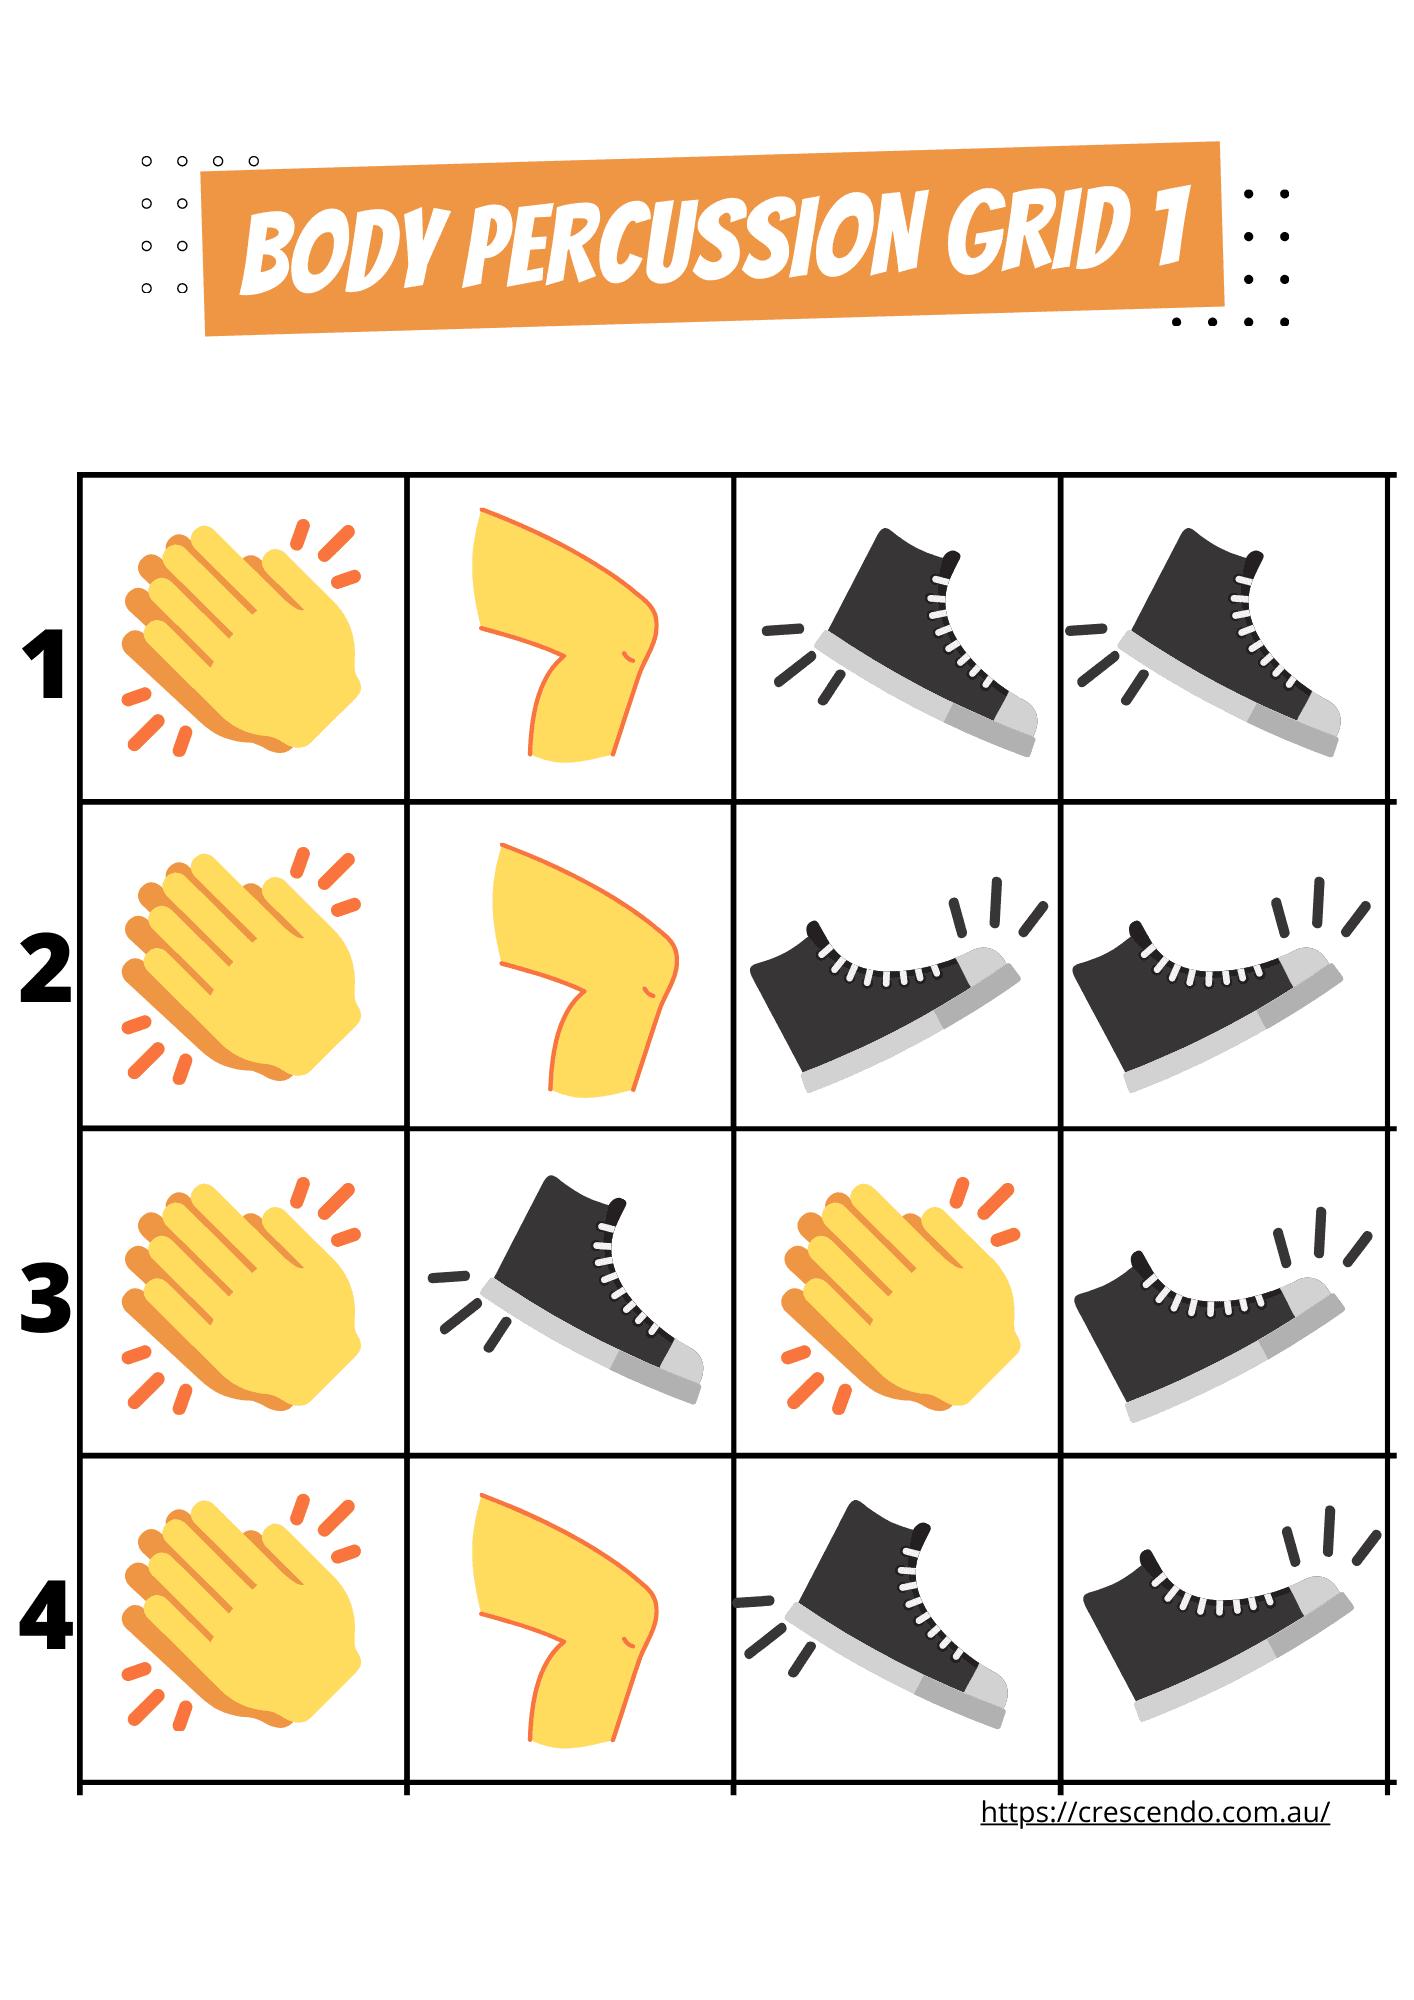 Body percussion grid 1